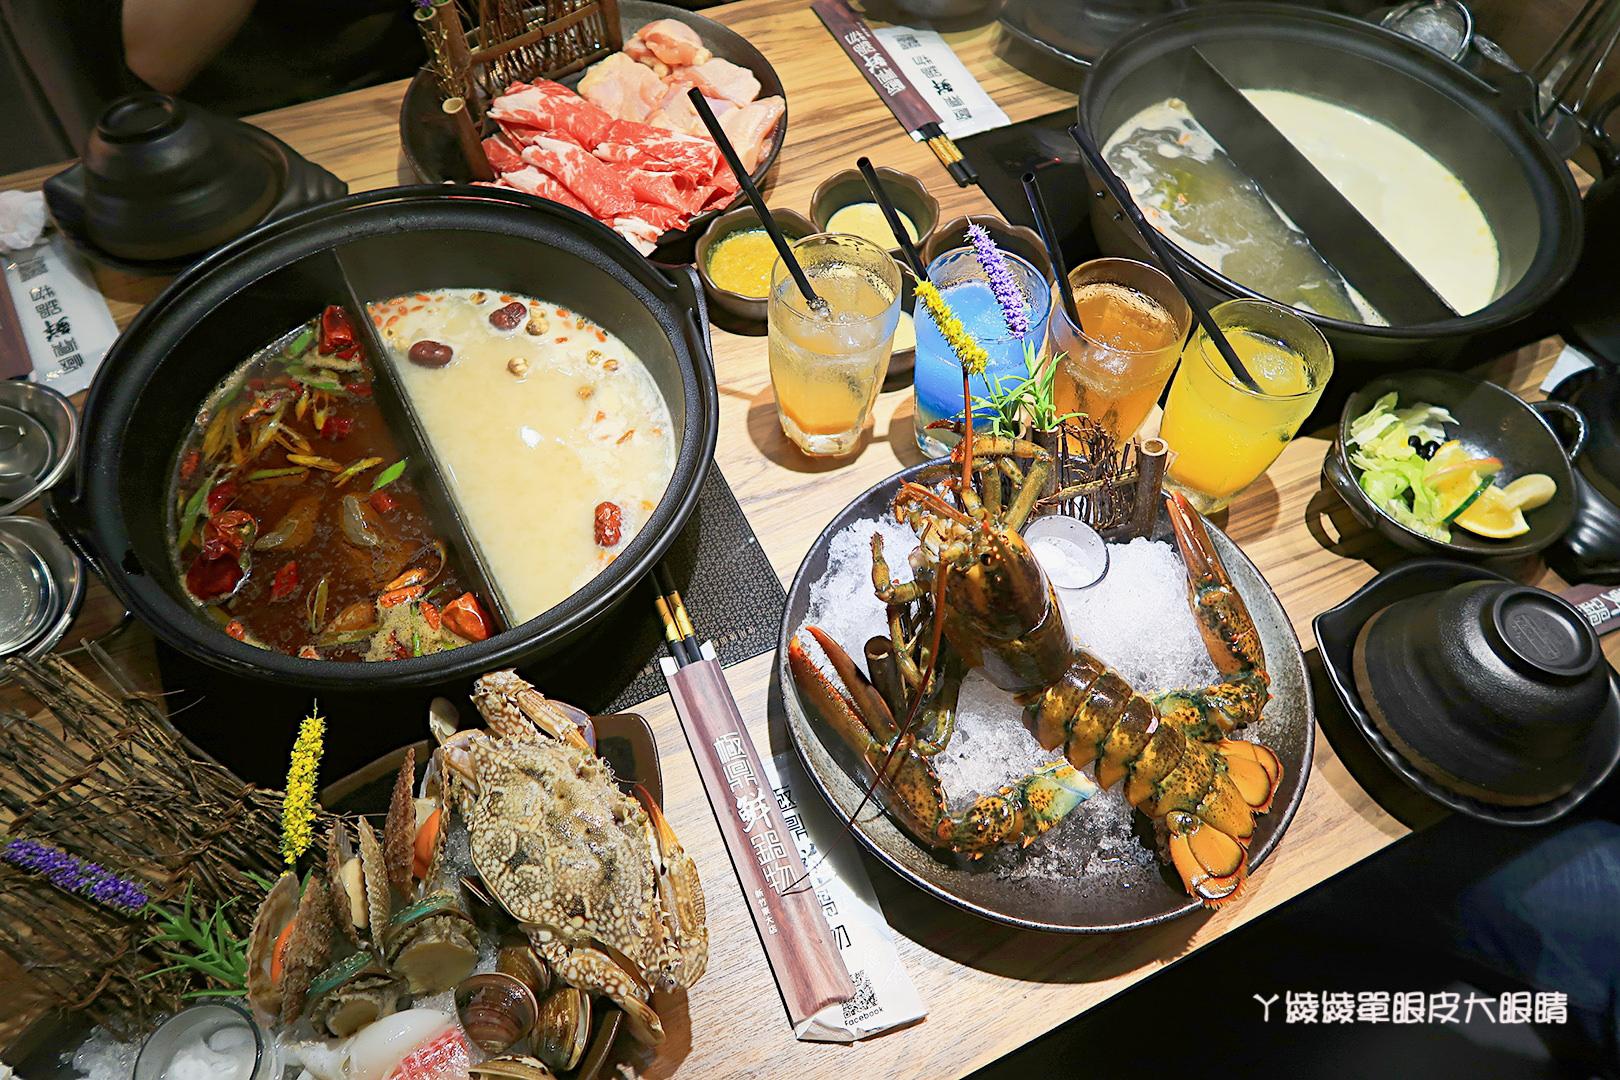 新竹東大路新開幕火鍋推薦|極鼎鮮鍋物!活跳跳的波士頓龍蝦自己撈,大肉盤吃到不要不要